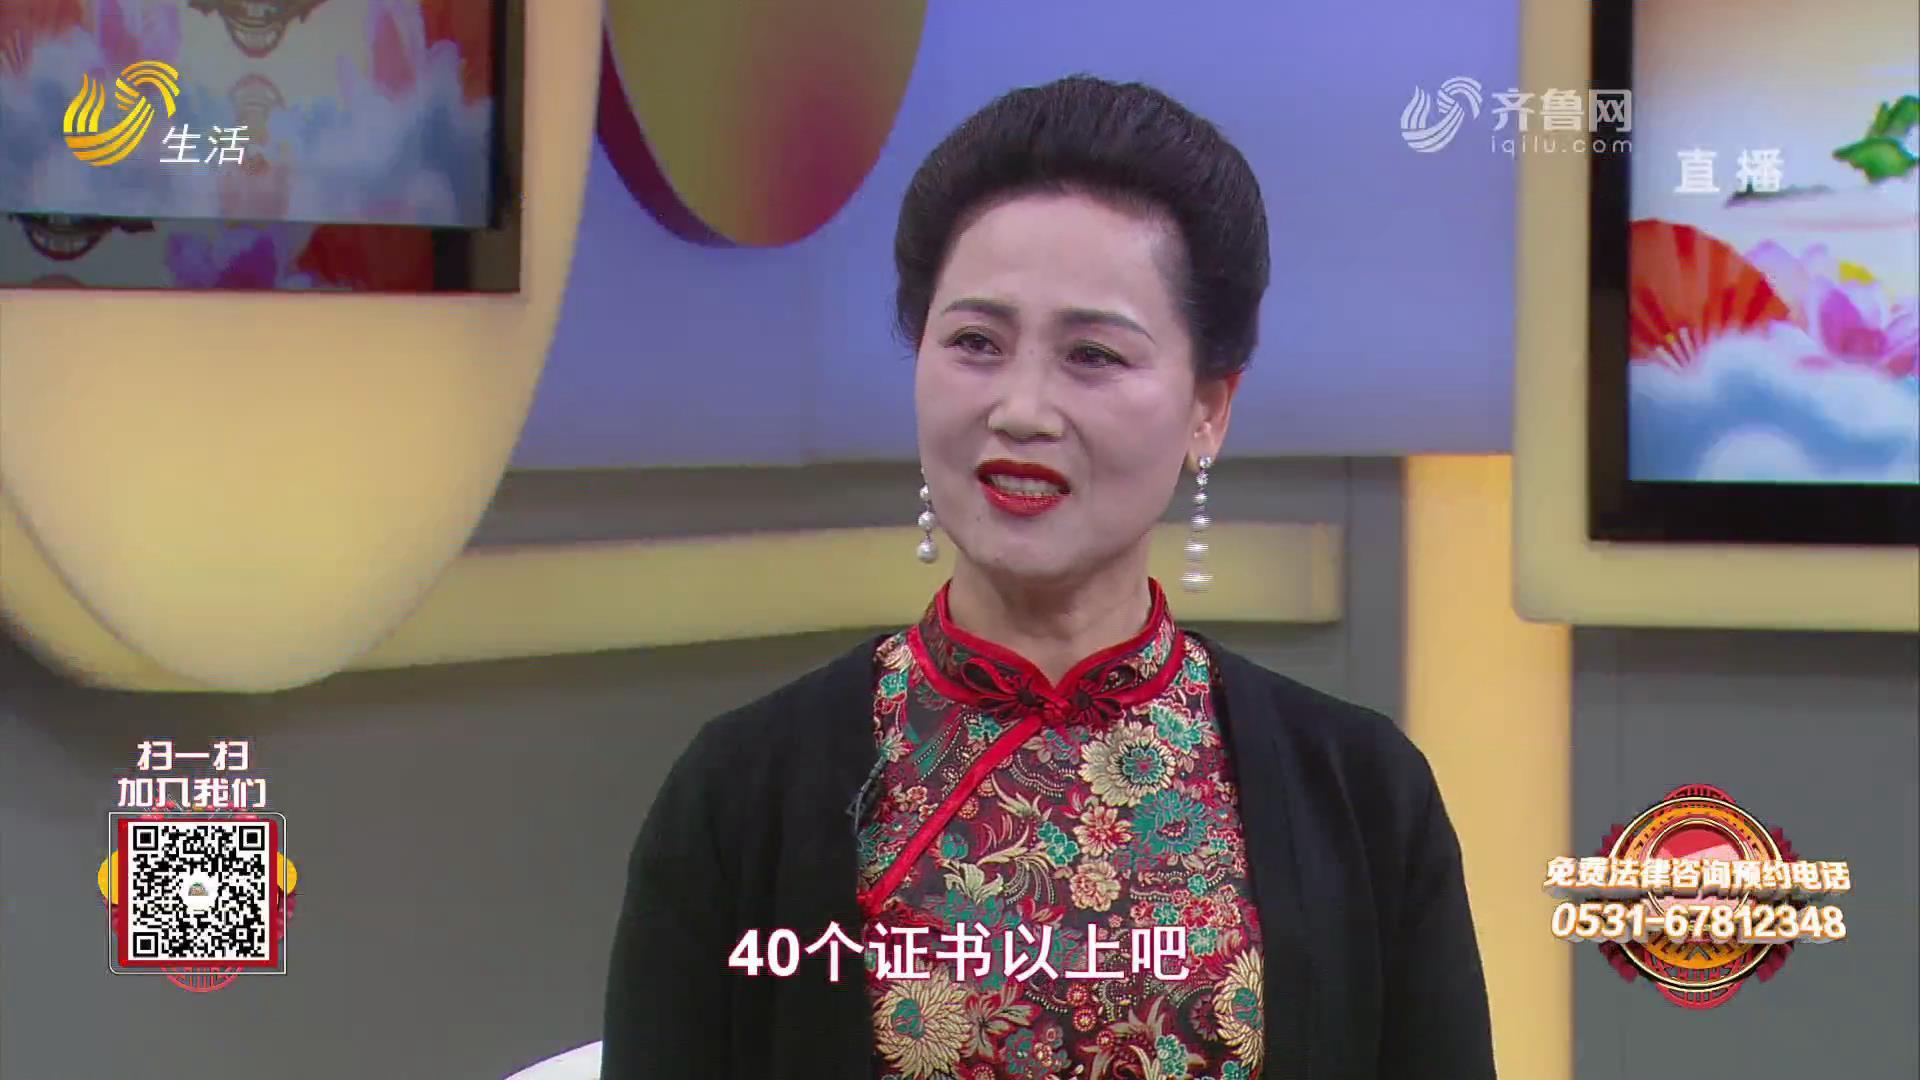 中國式養老-癡迷旗袍走秀學習 將優雅進行到底